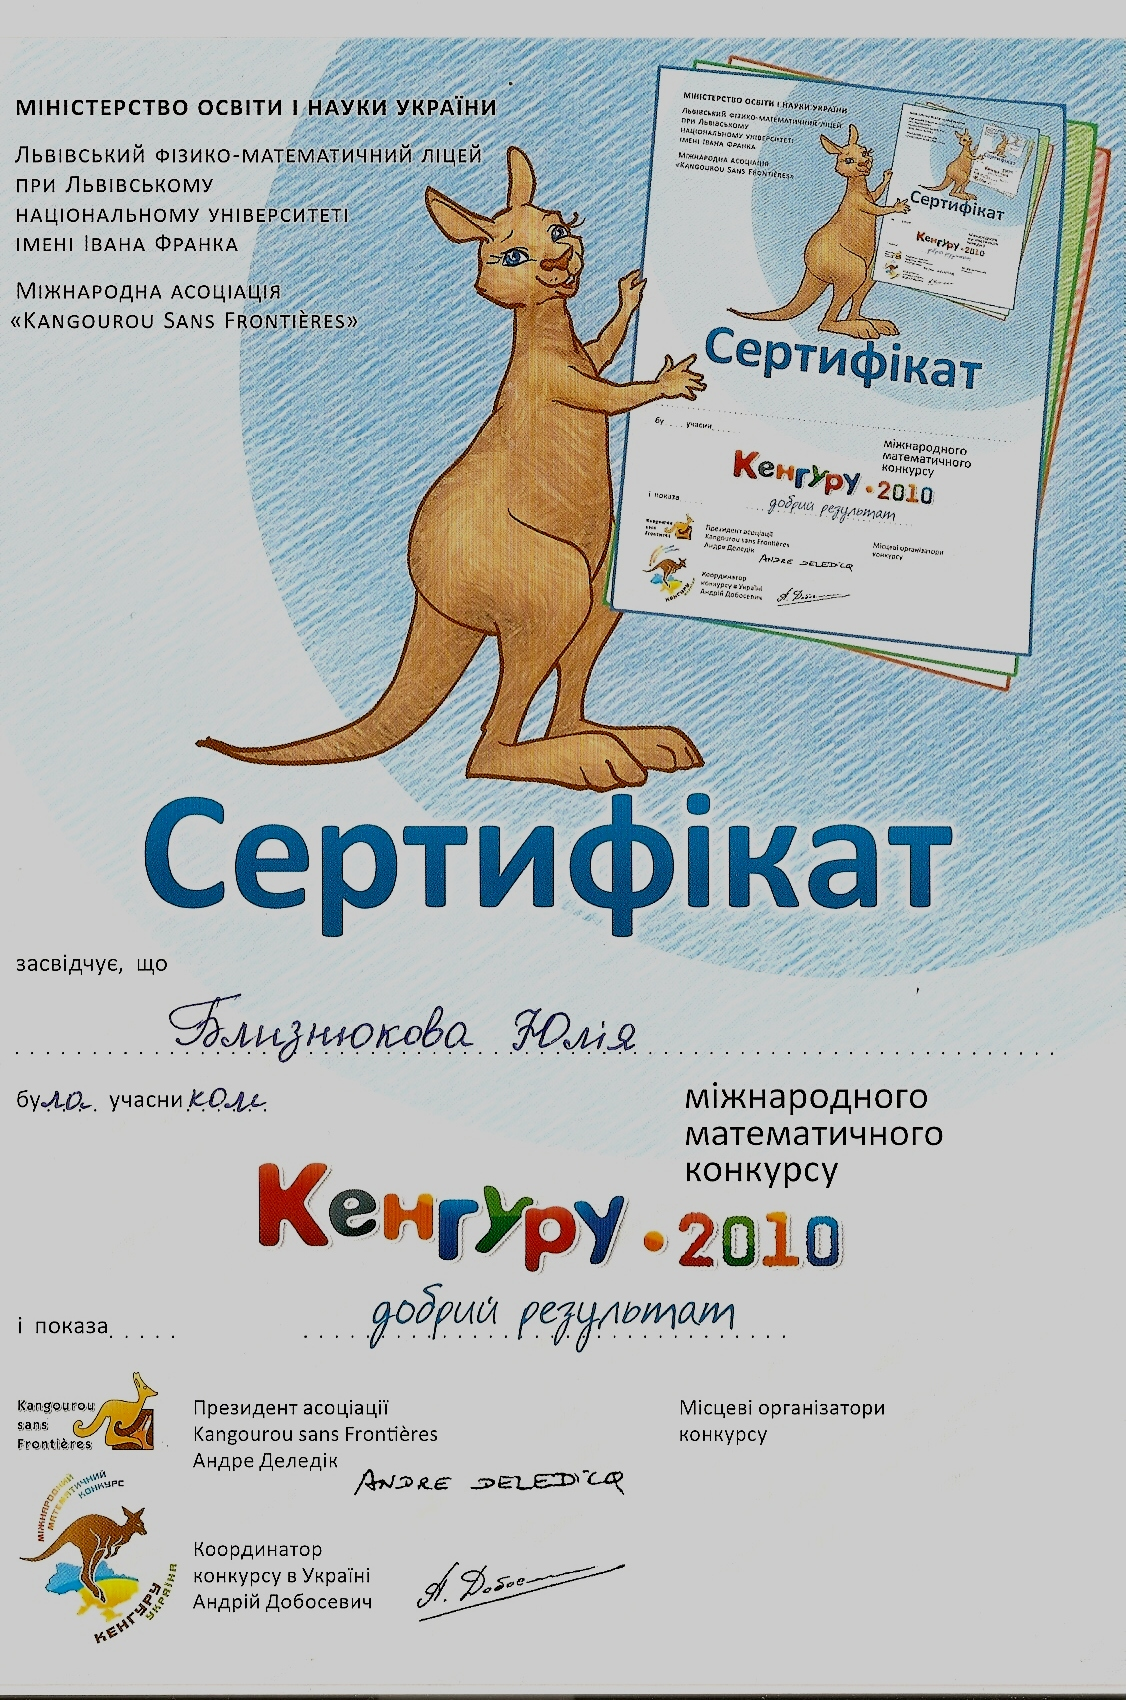 Математичний конкурс кенгуру в україні